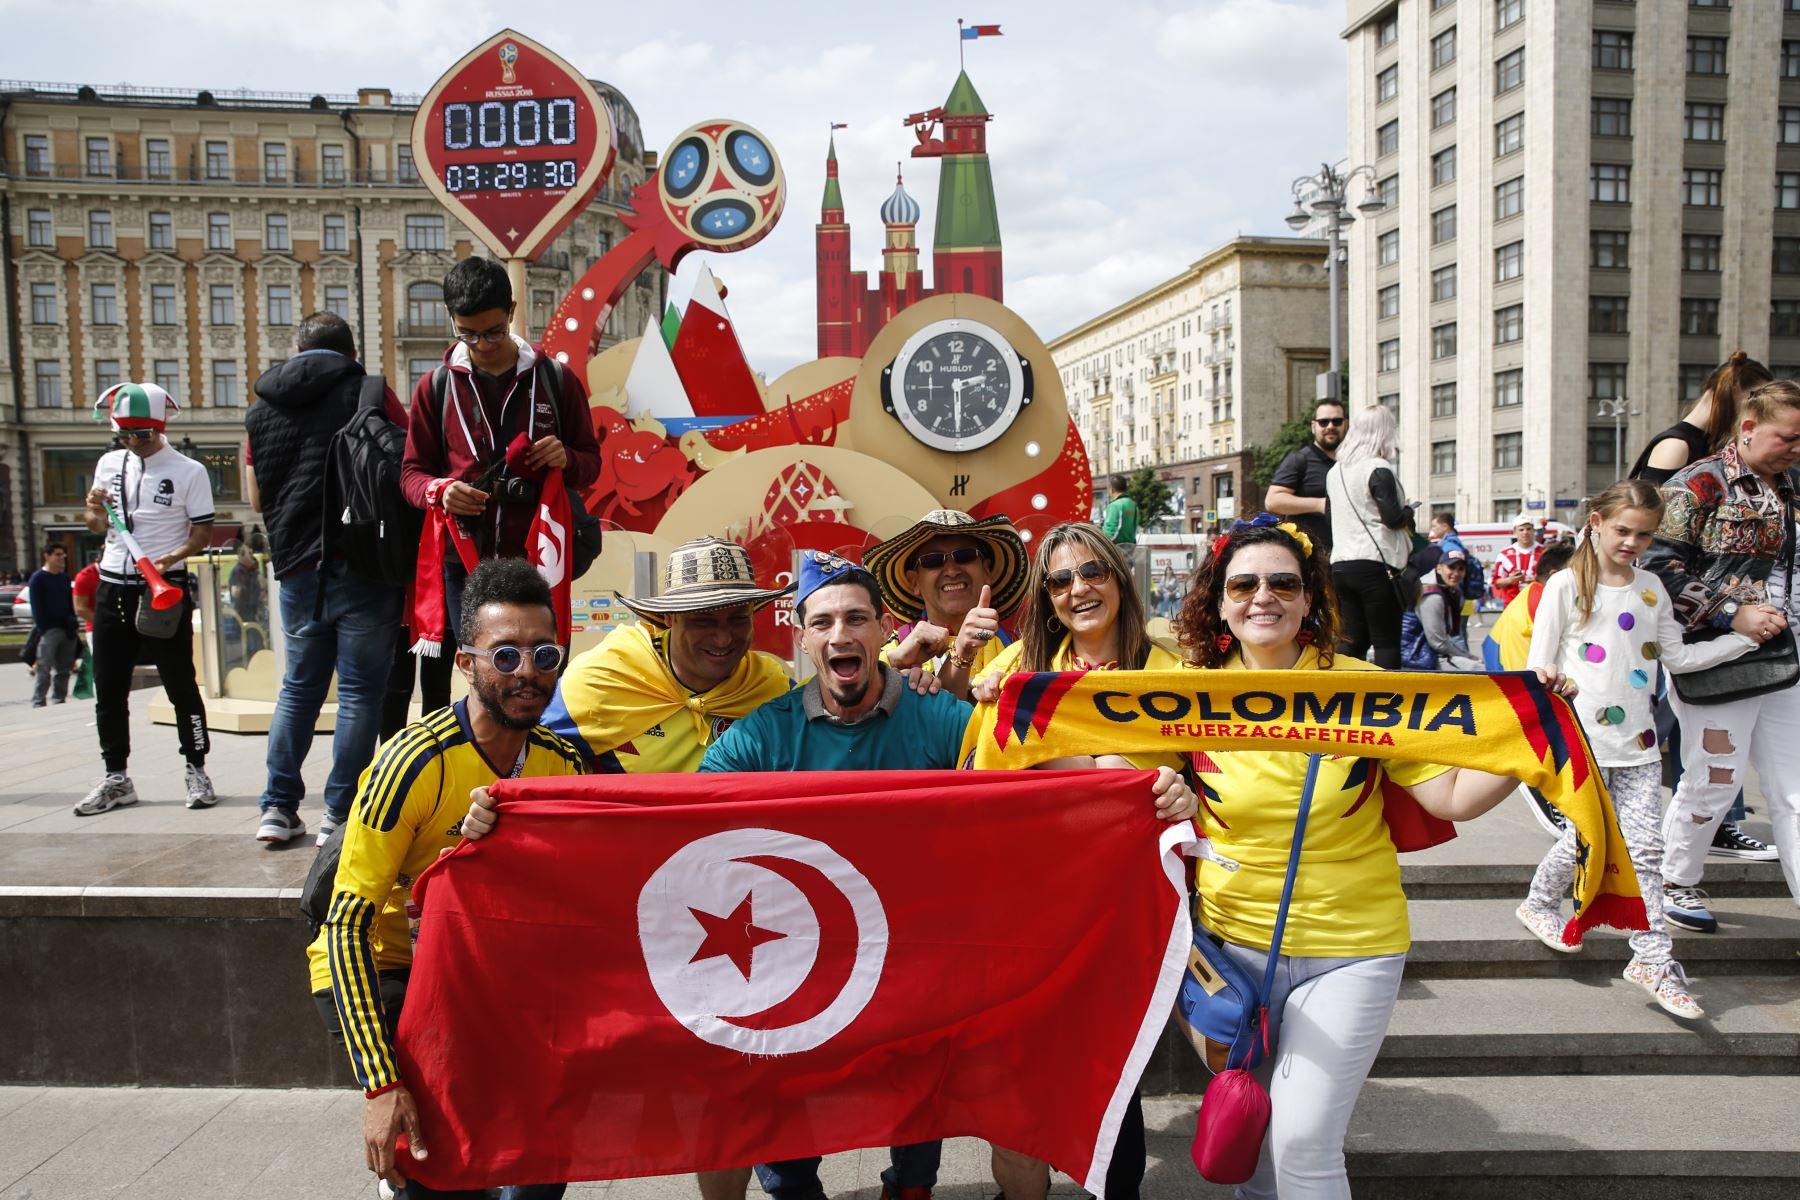 Los hinchas de los equipos nacionales de fútbol de Túnez y Colombia animan en la Plaza Manezhnaya. Foto: AFP